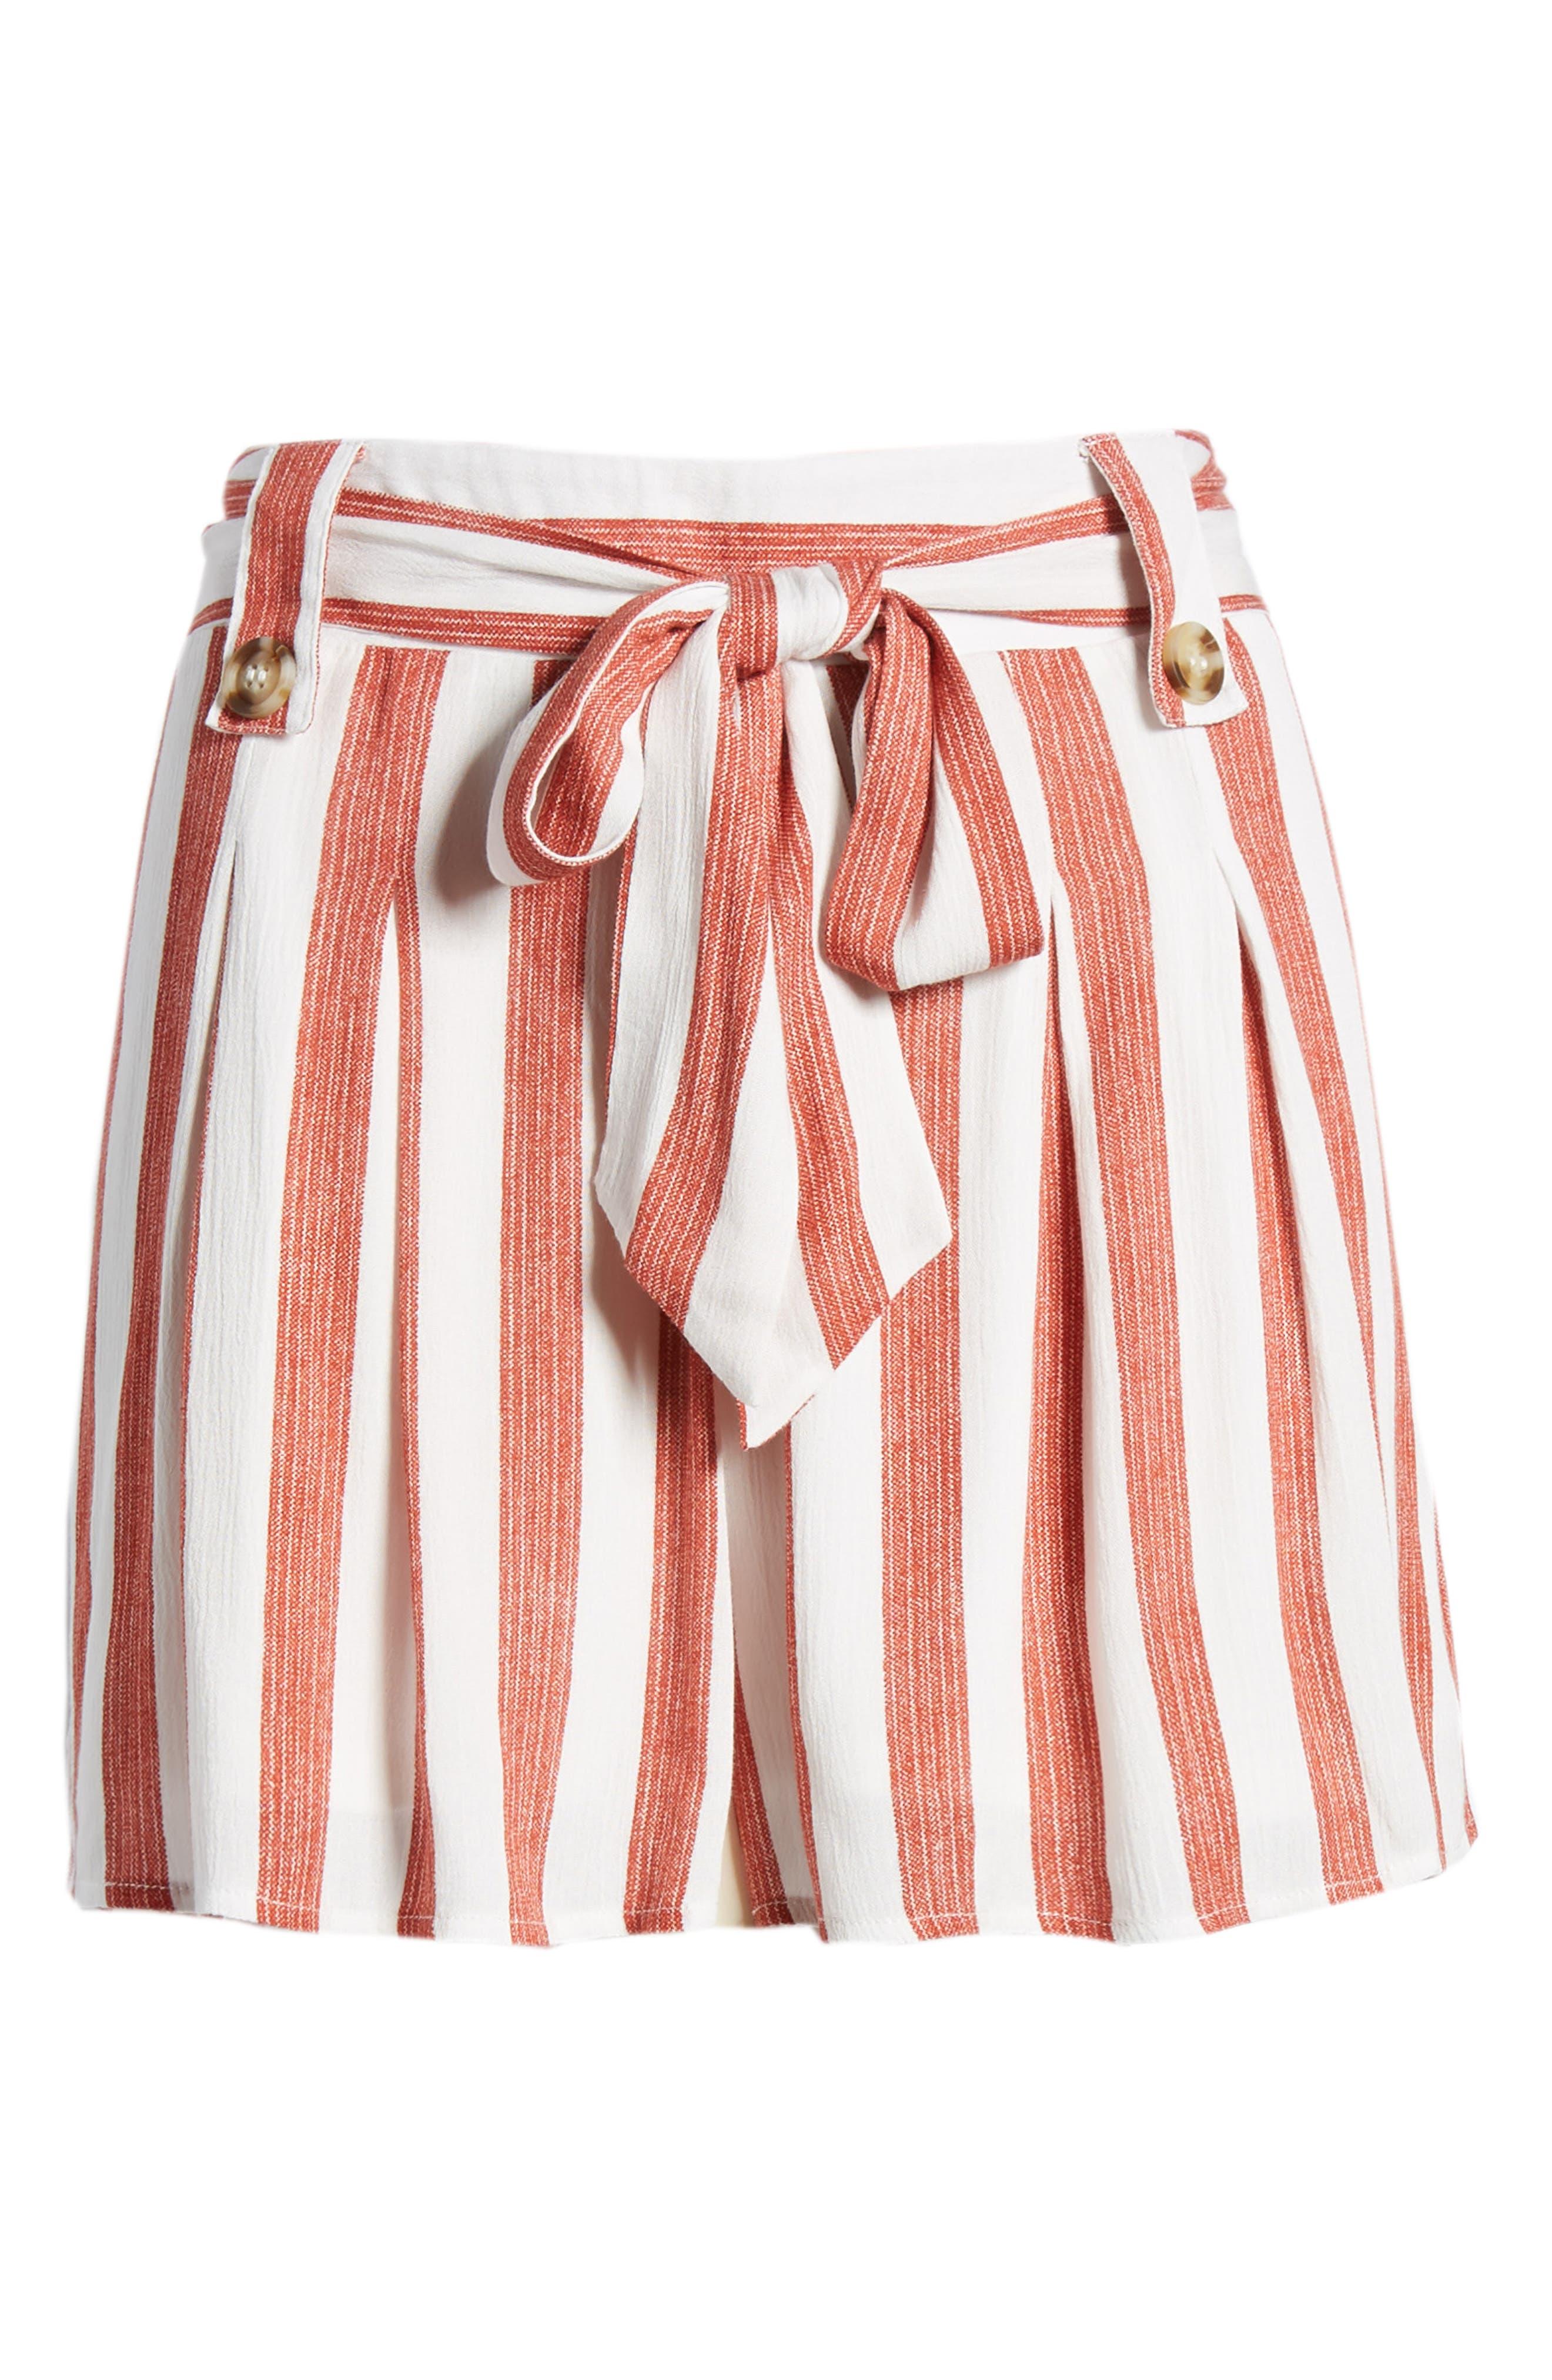 Stripe Shorts,                             Alternate thumbnail 6, color,                             600